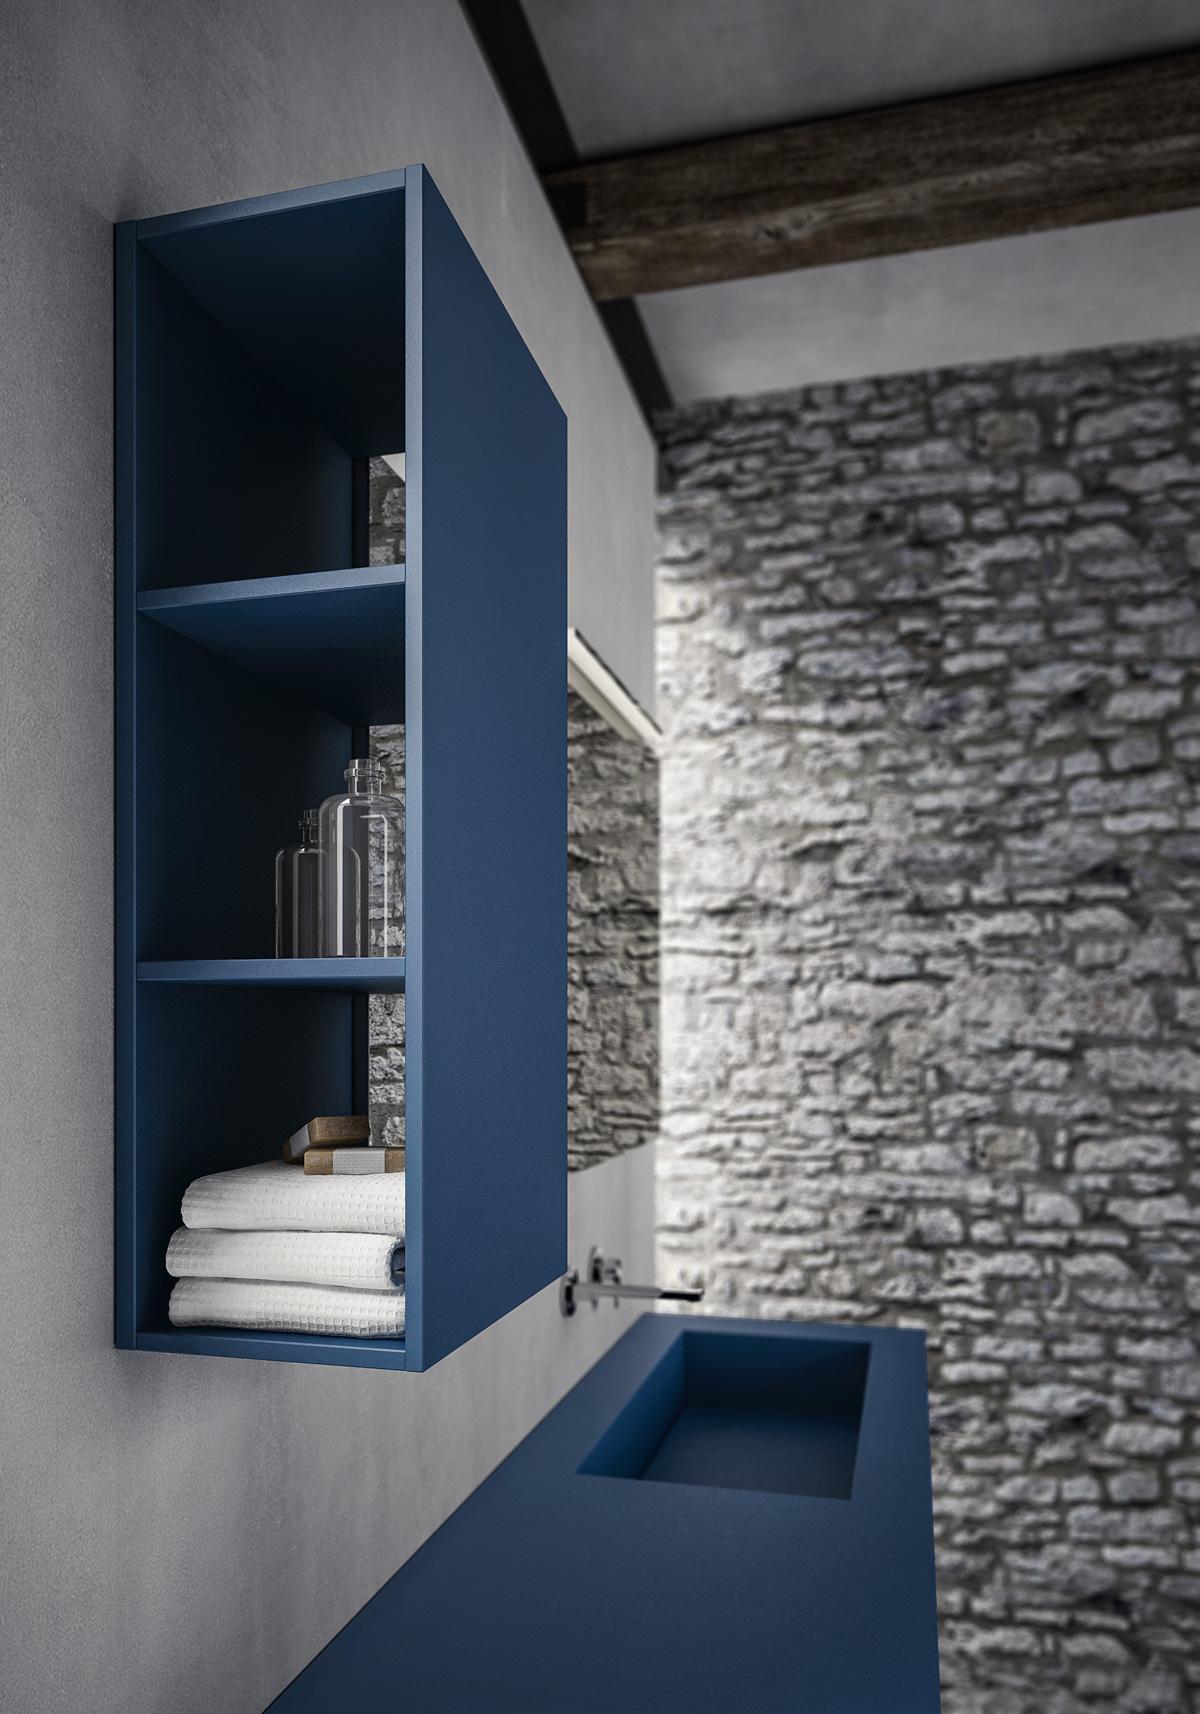 Arredo Bagno Colore Azzurro.Come Arredare Il Bagno Con Il Blu E L Azzurro Ideagroup Blog